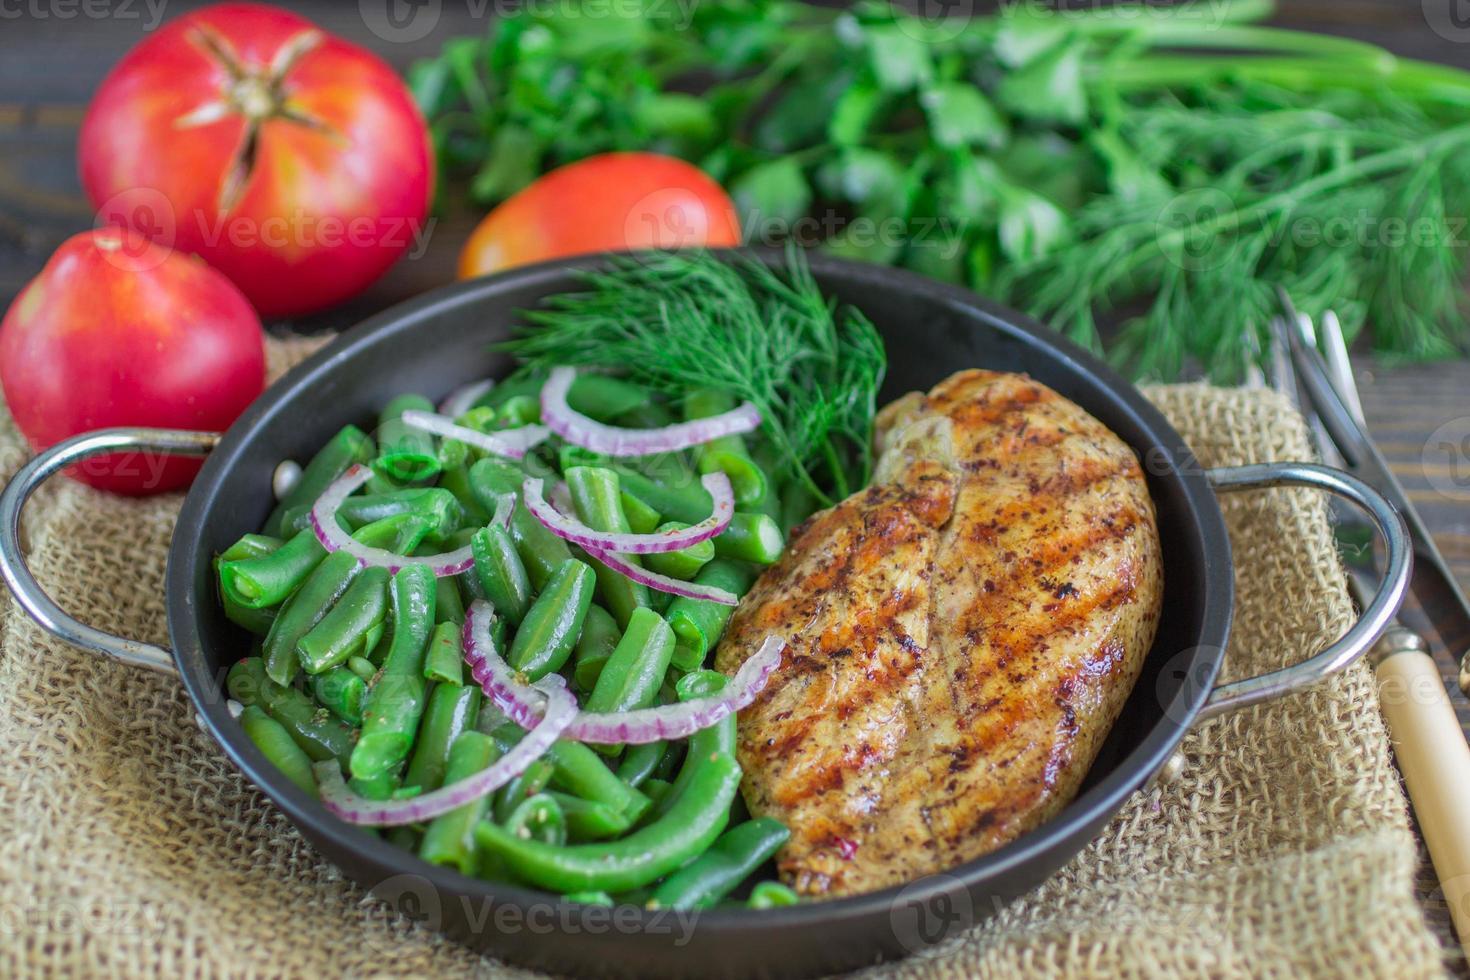 poitrine de poulet grillée et haricots verts photo